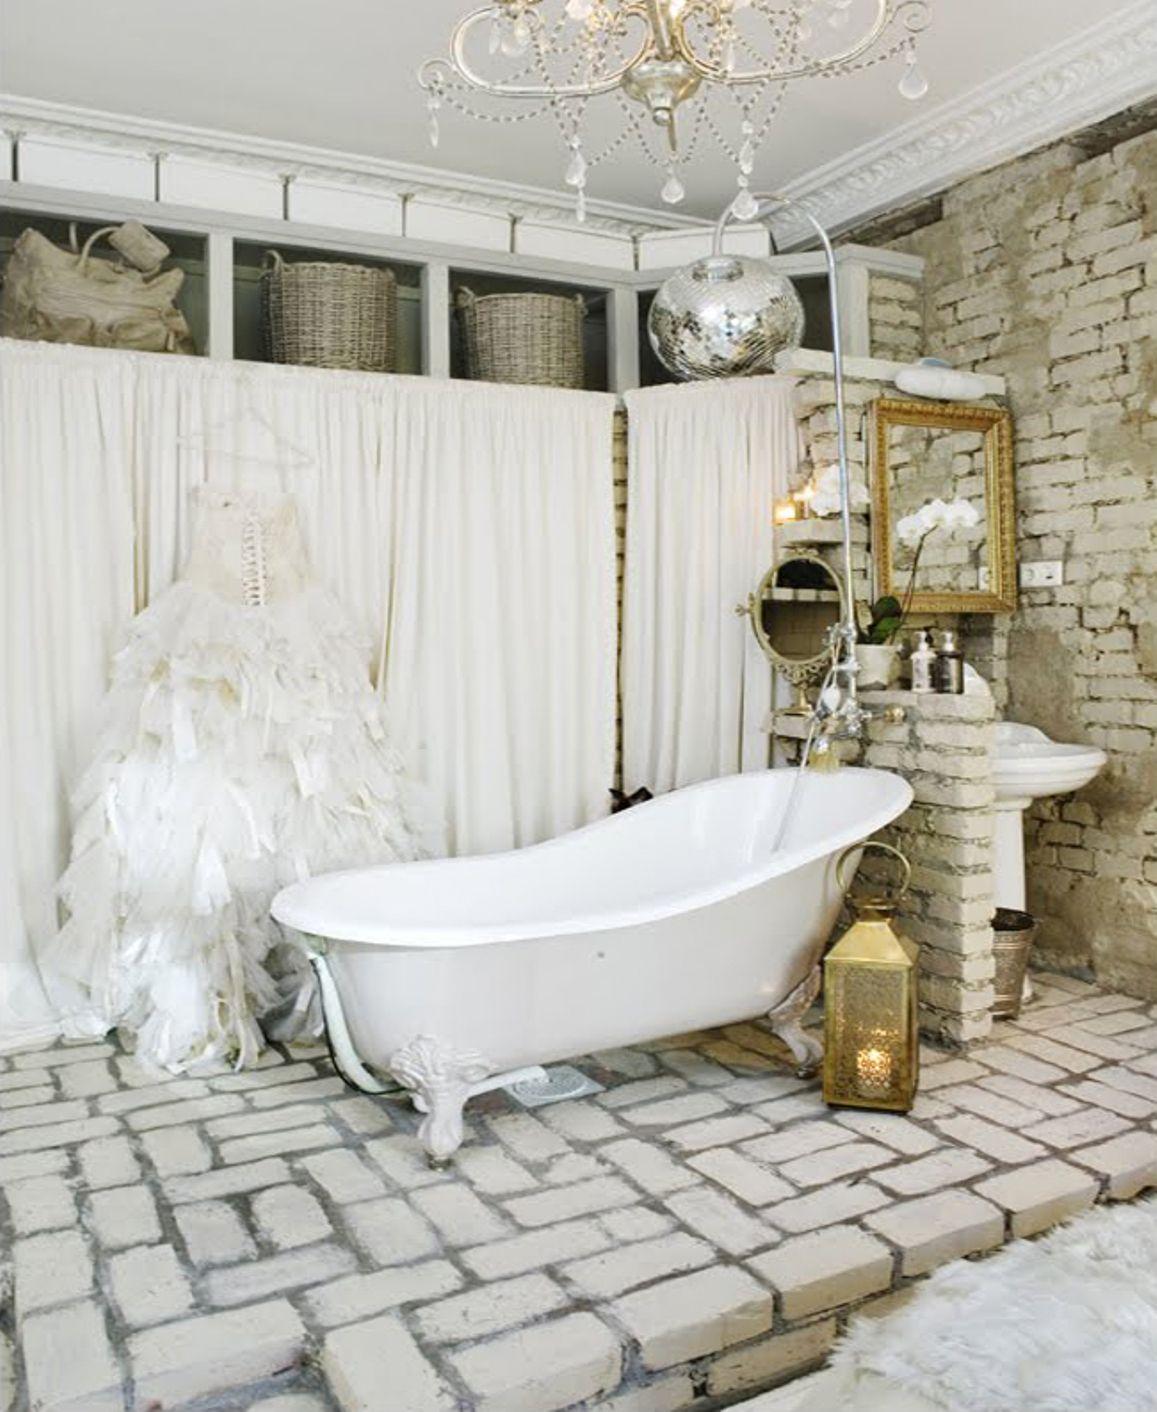 Bathroom , Wonderful Bathroom Theme ideas : Vintage Bathroom Theme ...